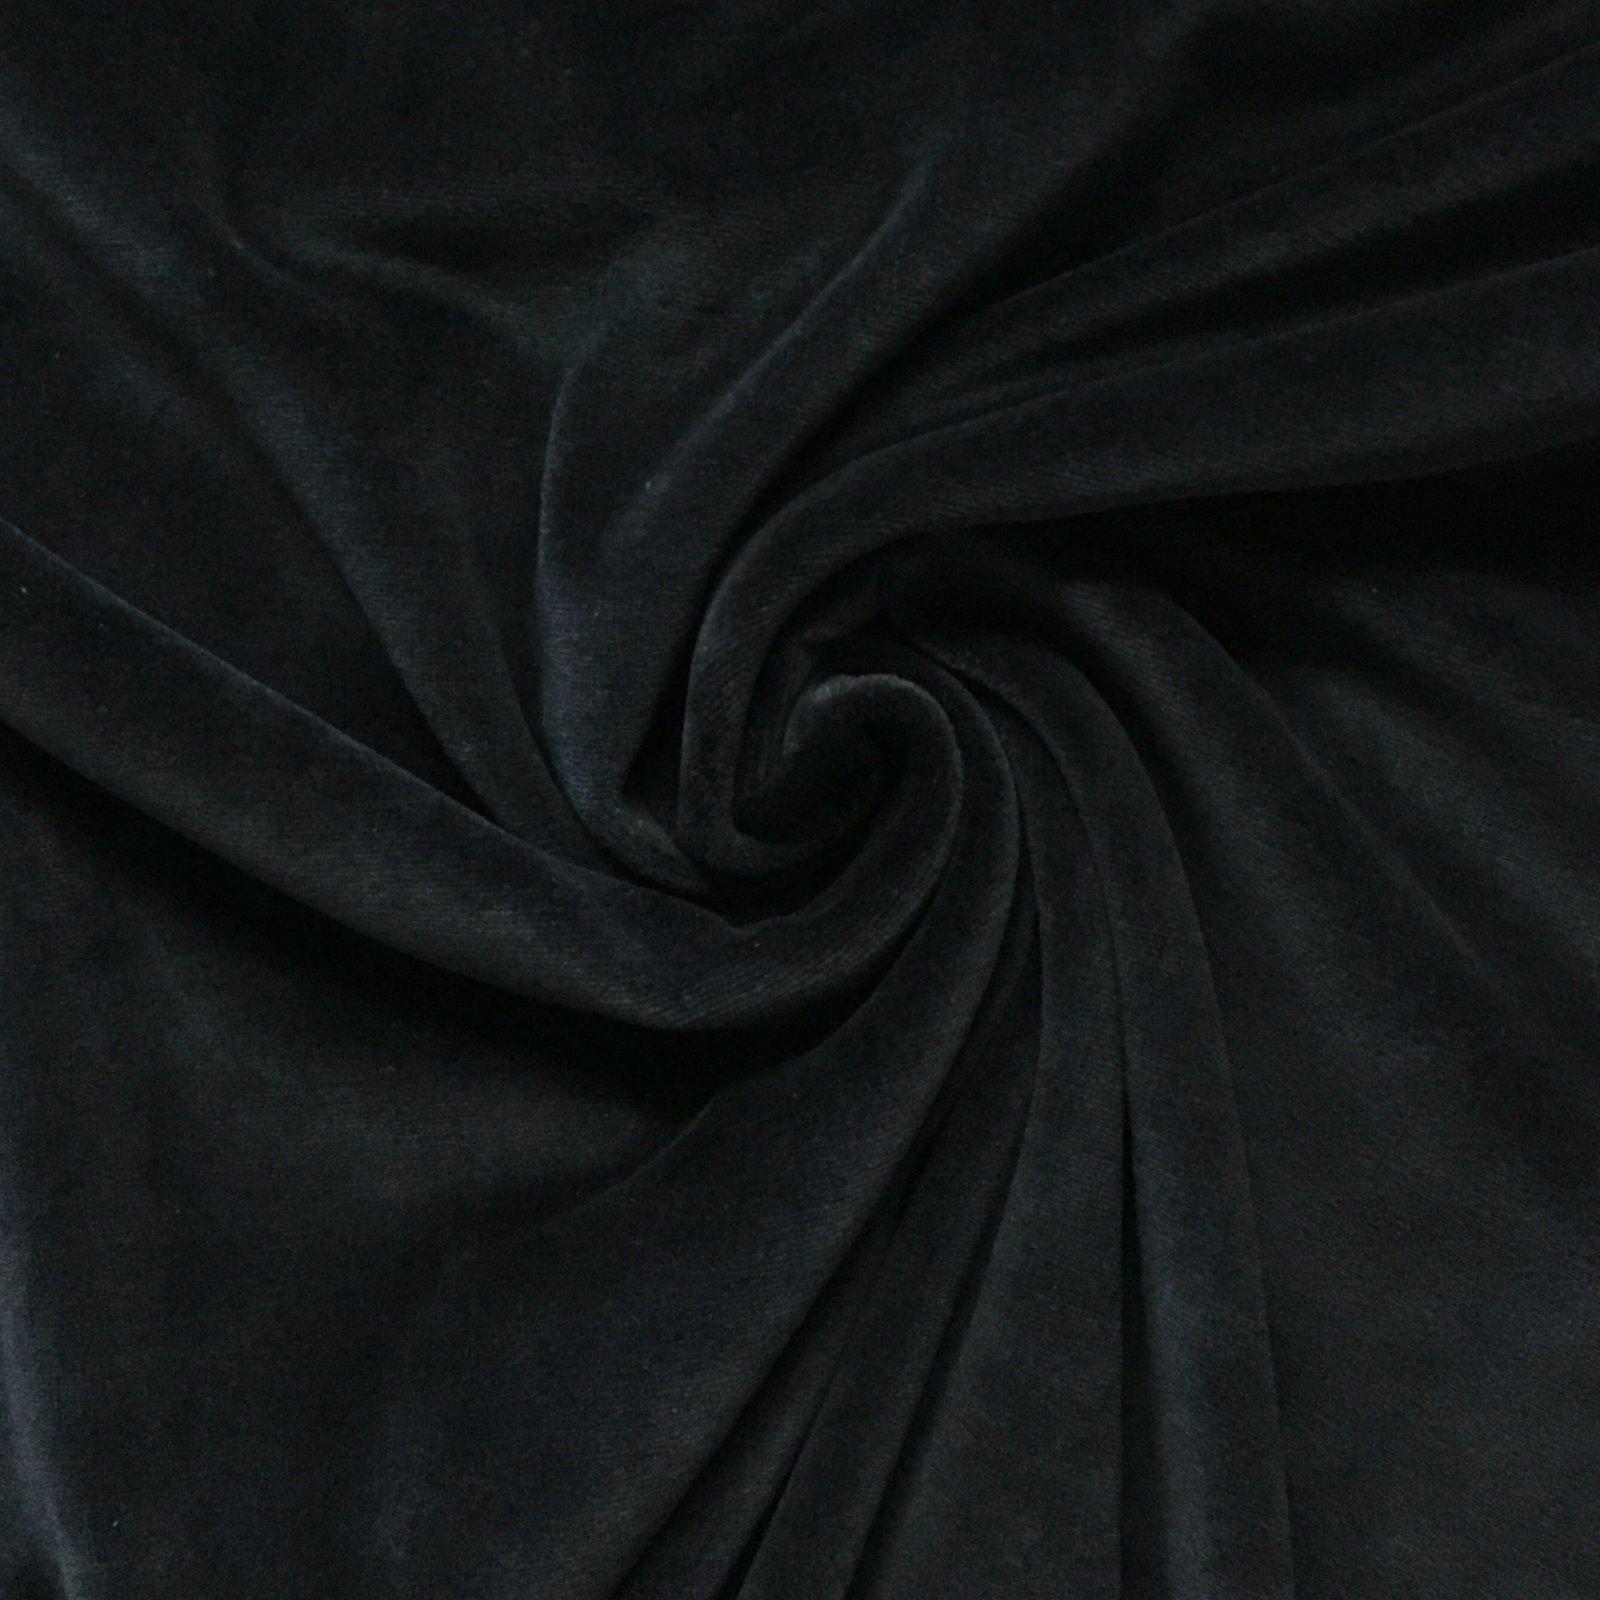 Avalana Stretch Velour in Black